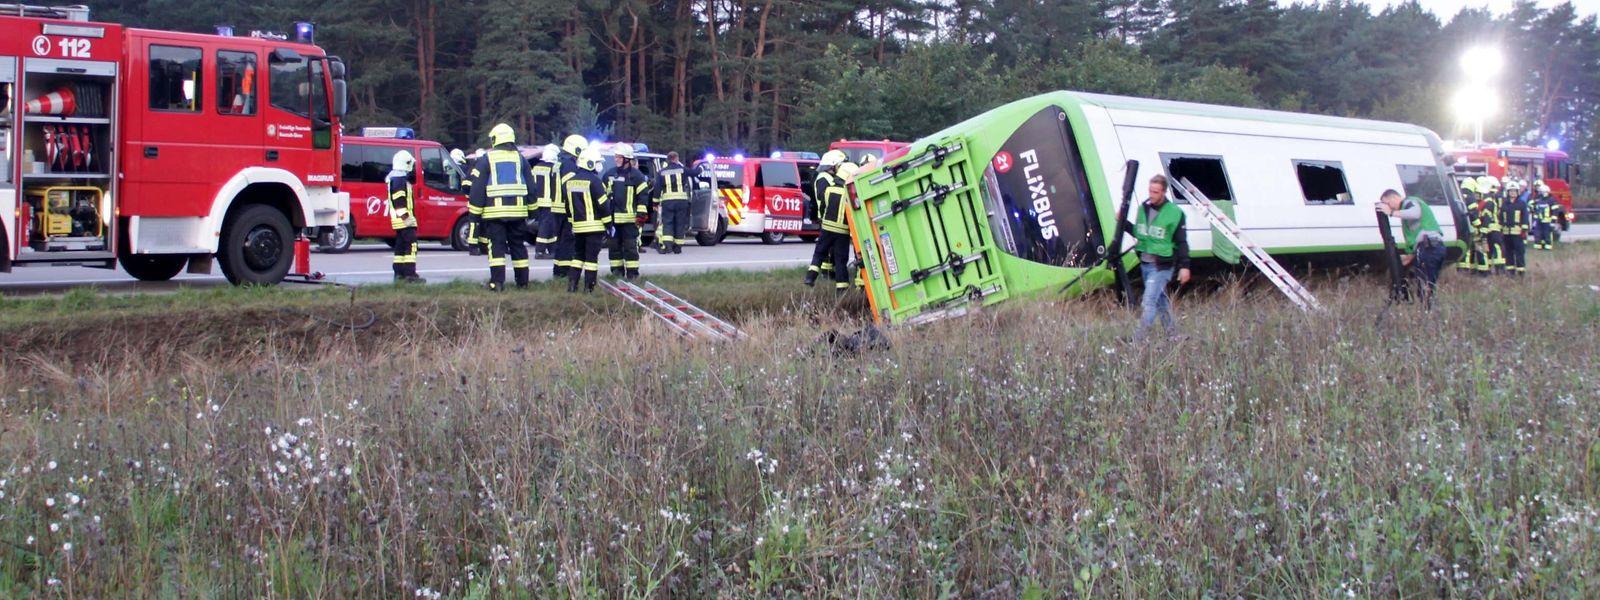 Der Unfall auf der Autobahn A24, etwa 100 Kilometer östlich von Hamburg, ereignete sich am frühen Samstagmorgen.